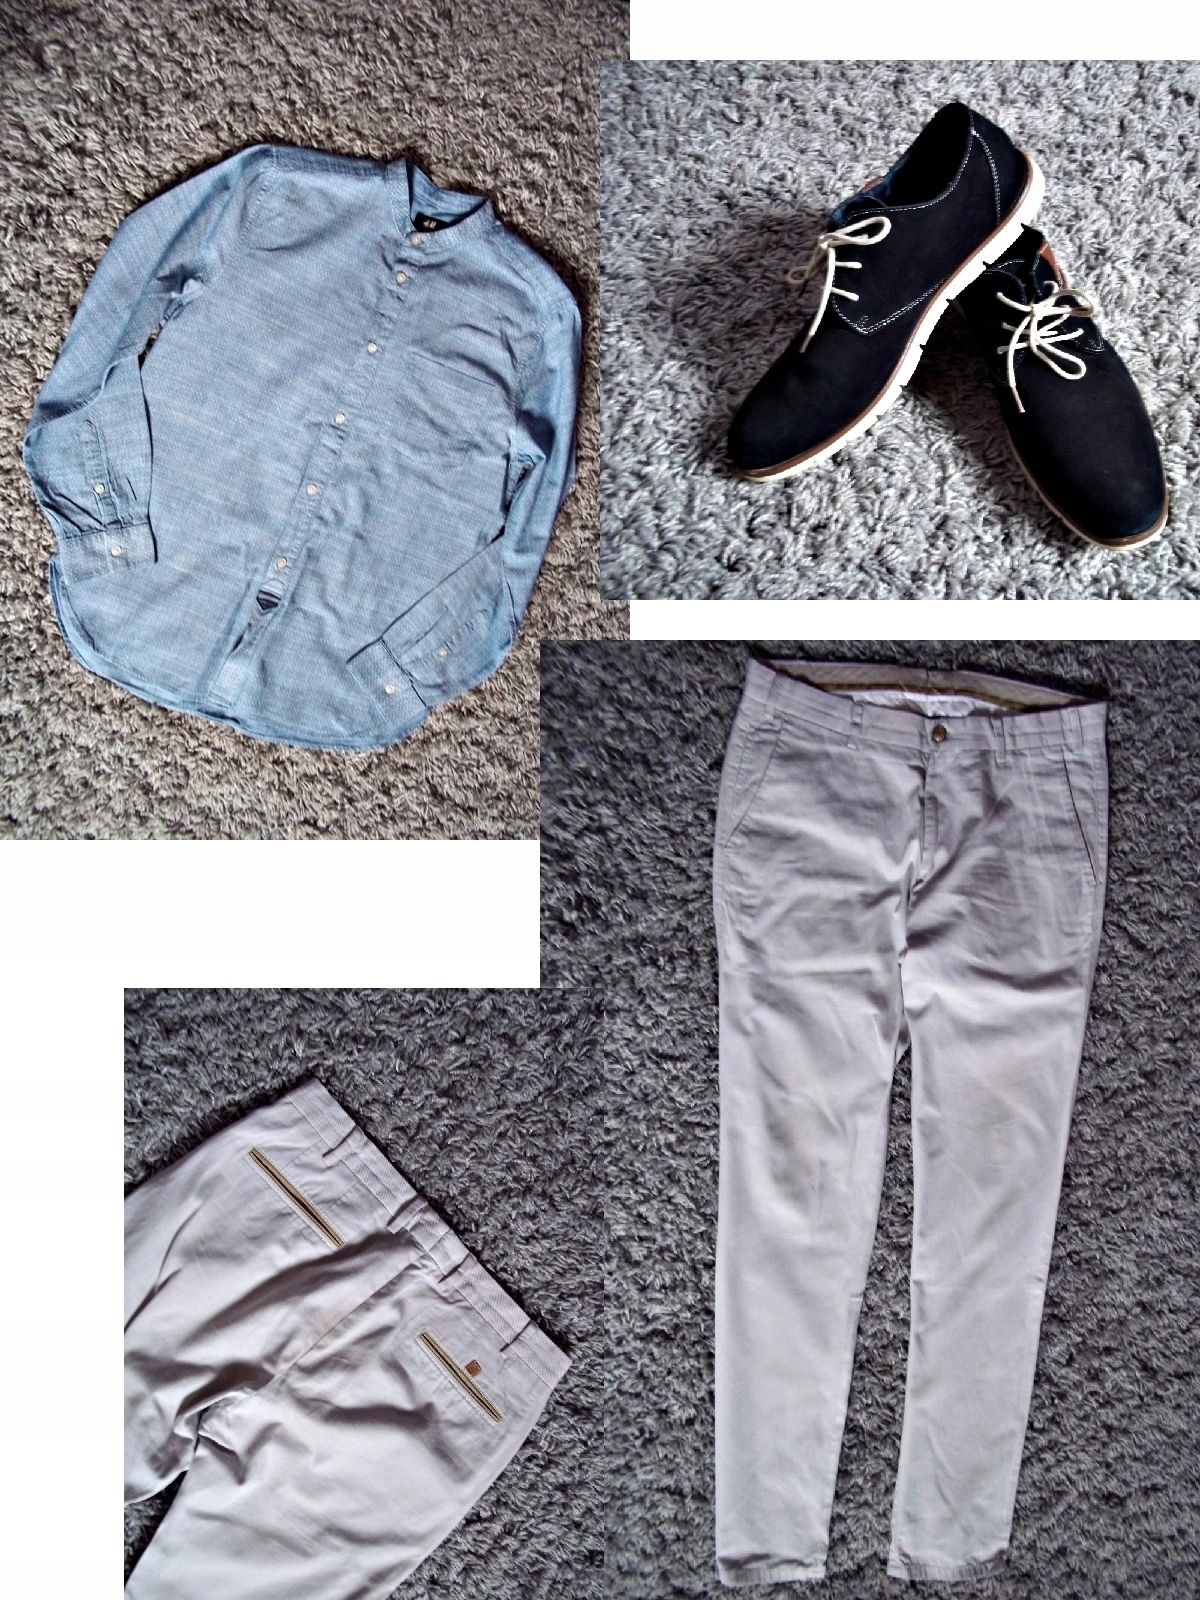 Paka ubrań M Zara Massimo Dutti Bershka H&M 21